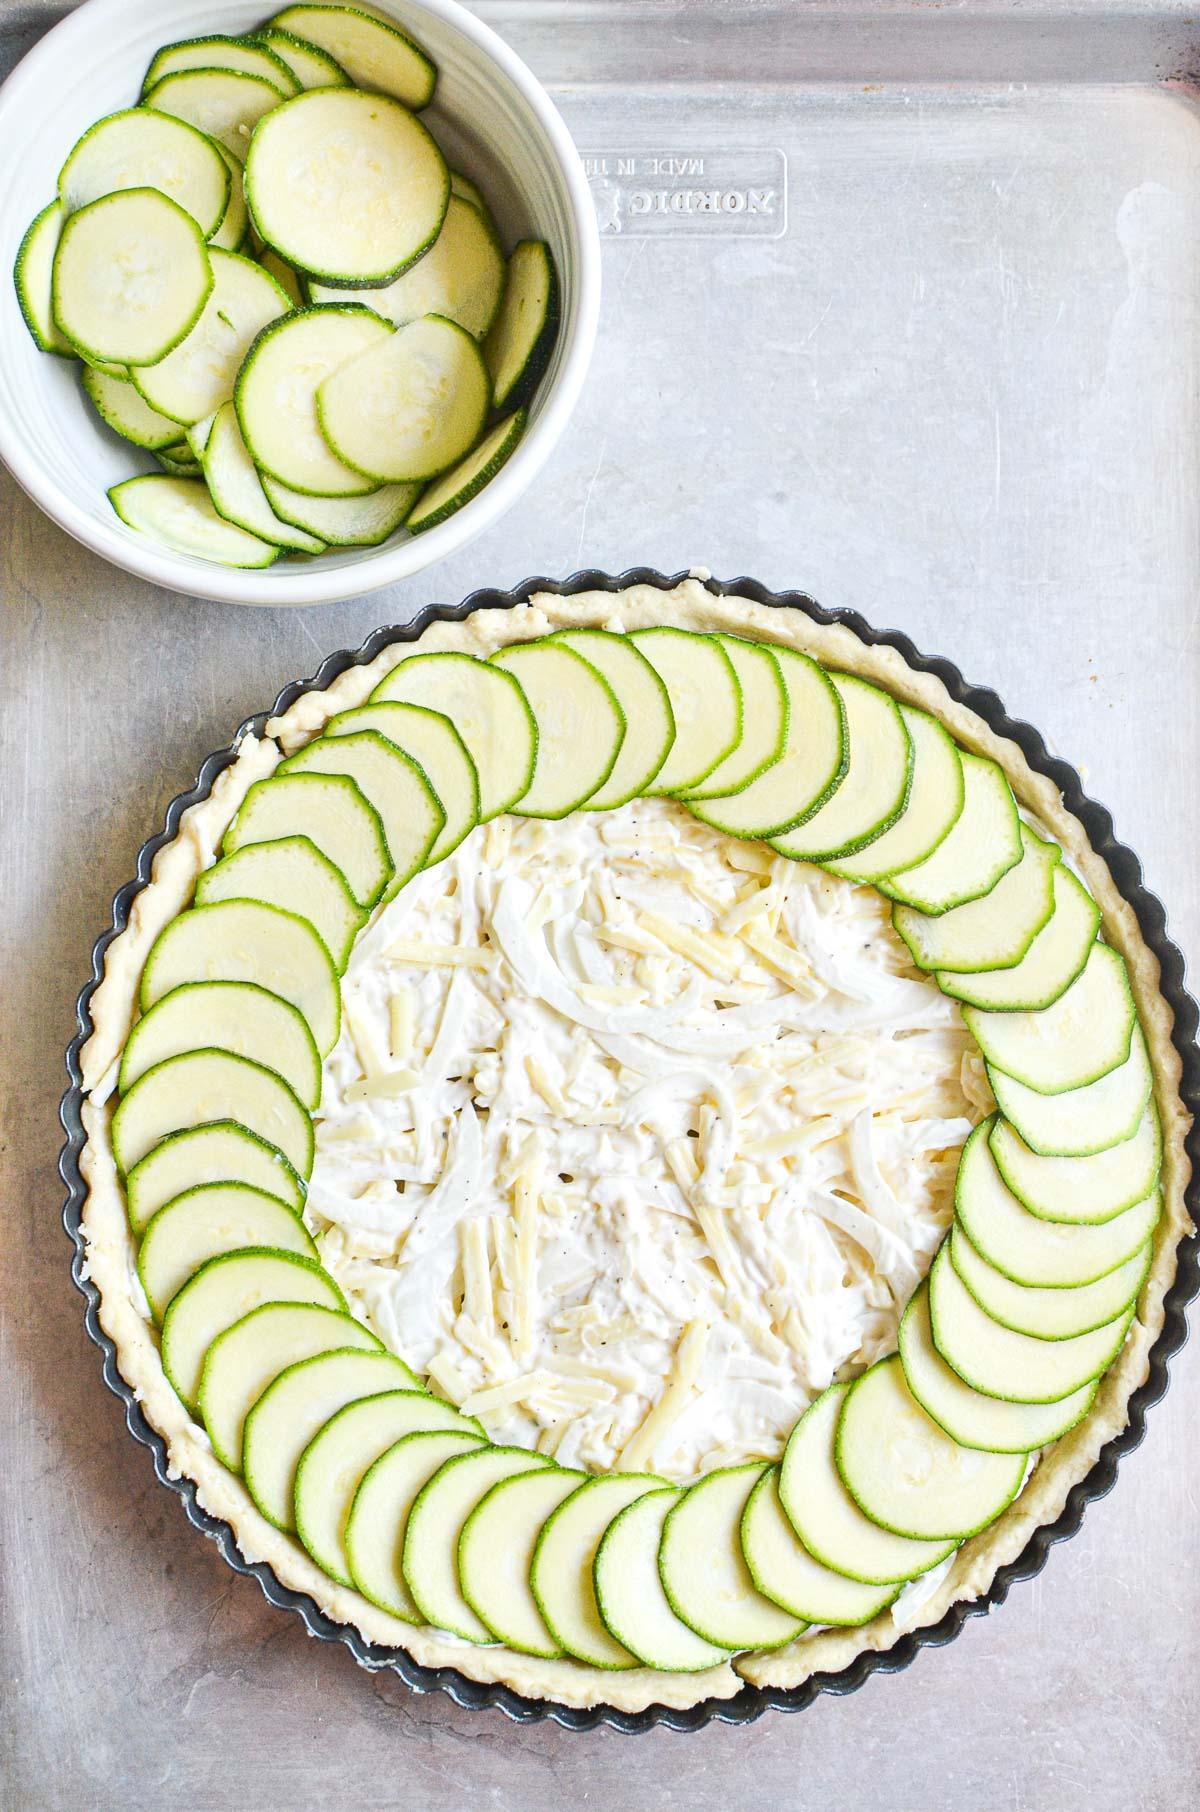 assembling a zucchini pie